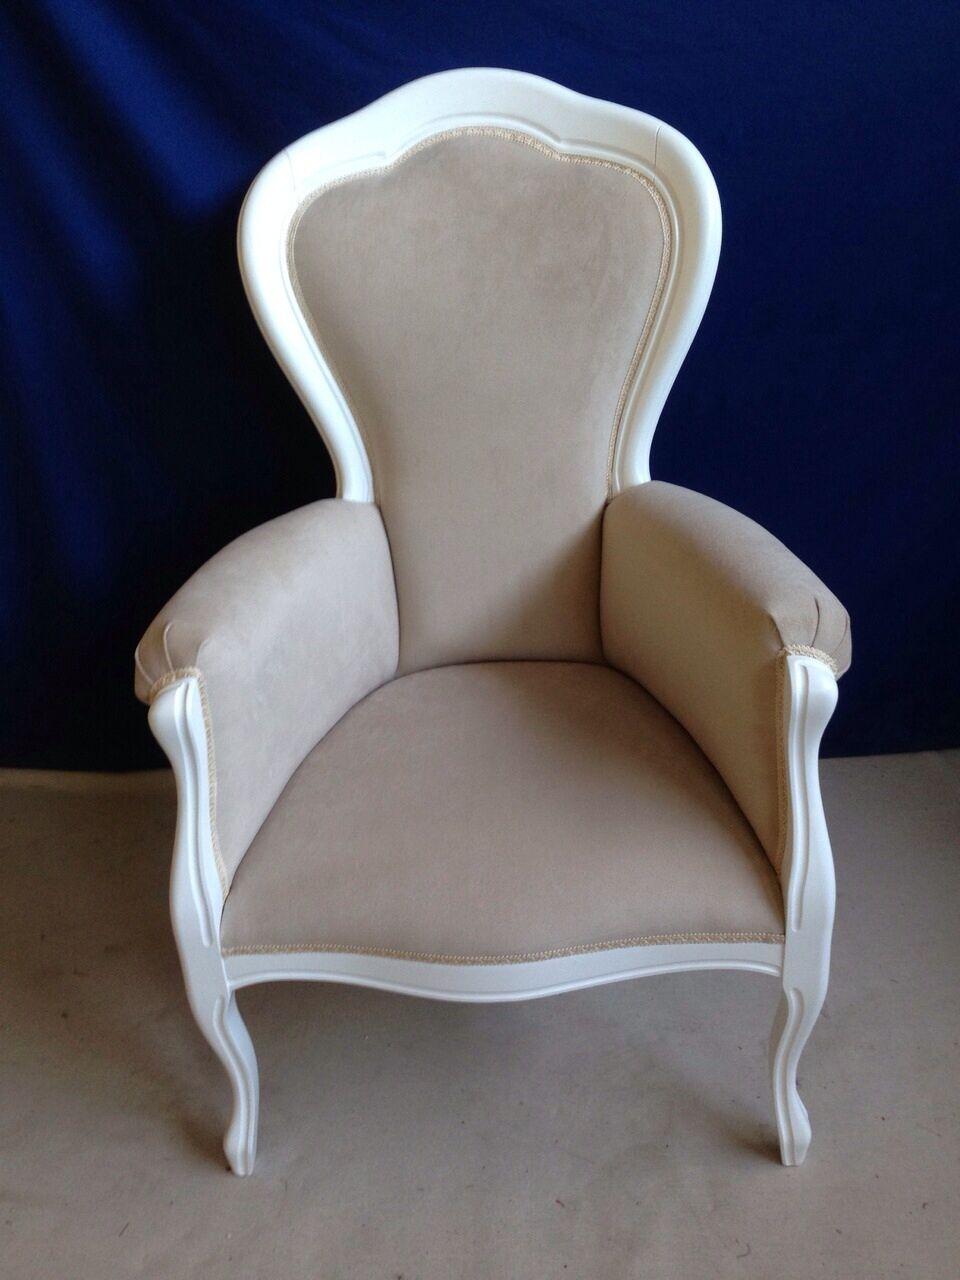 100 kg quando si tratta di voler acquistare la migliore sedia ergonomica, varier è uno dei marchi più affidabili in assoluto. Poltrona Poltroncina Camera Da Letto Classica Vari Colori